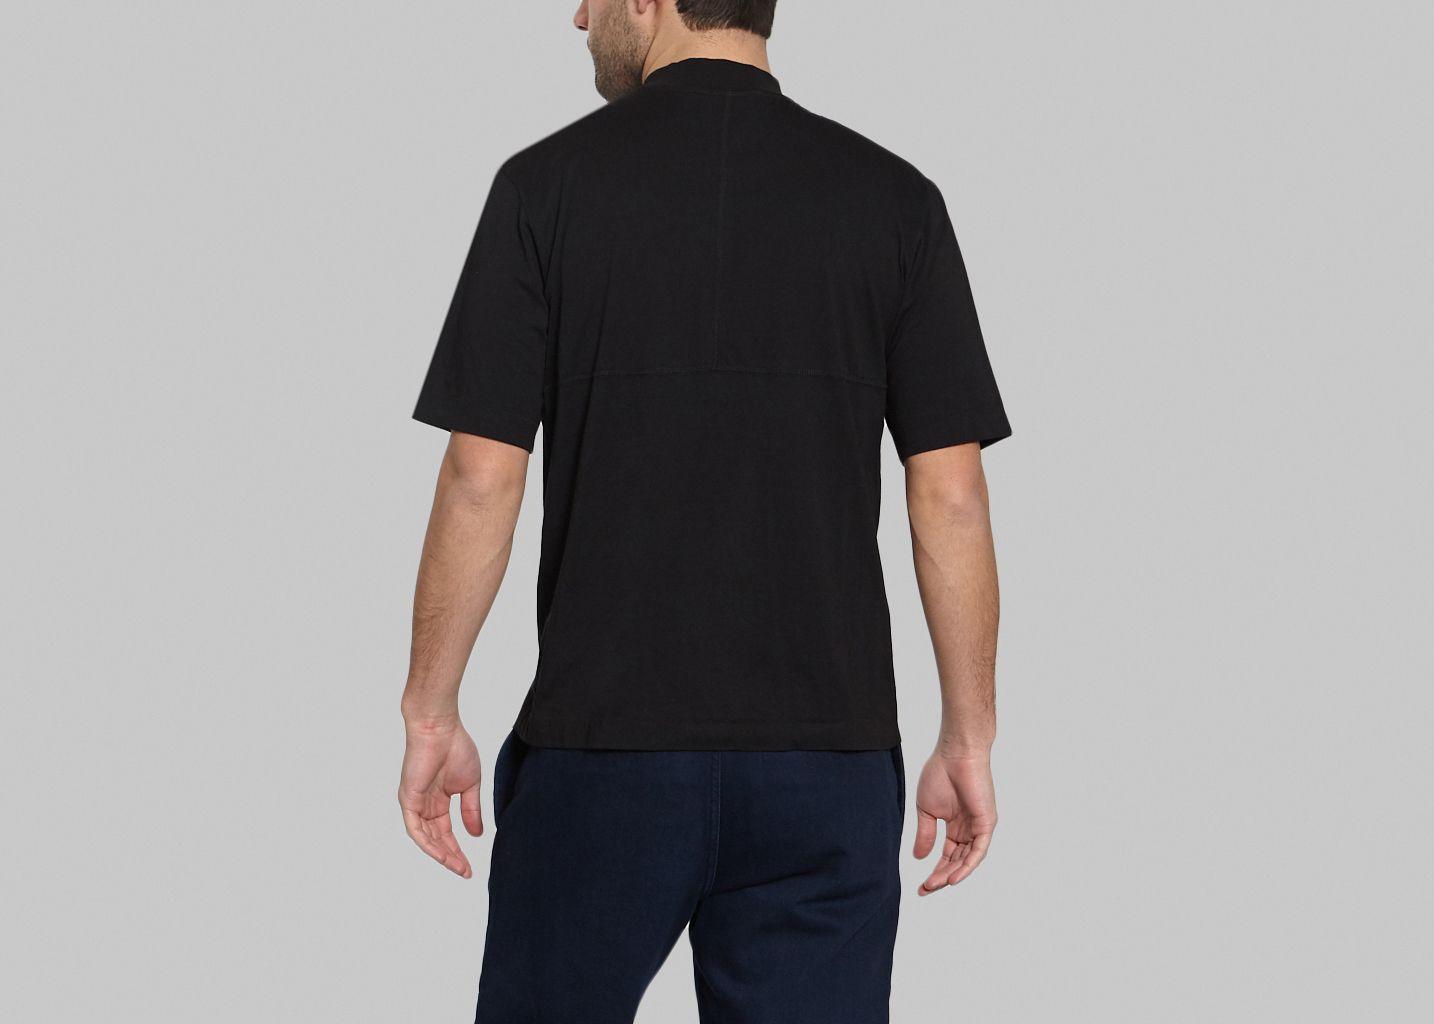 Tshirt award - Études